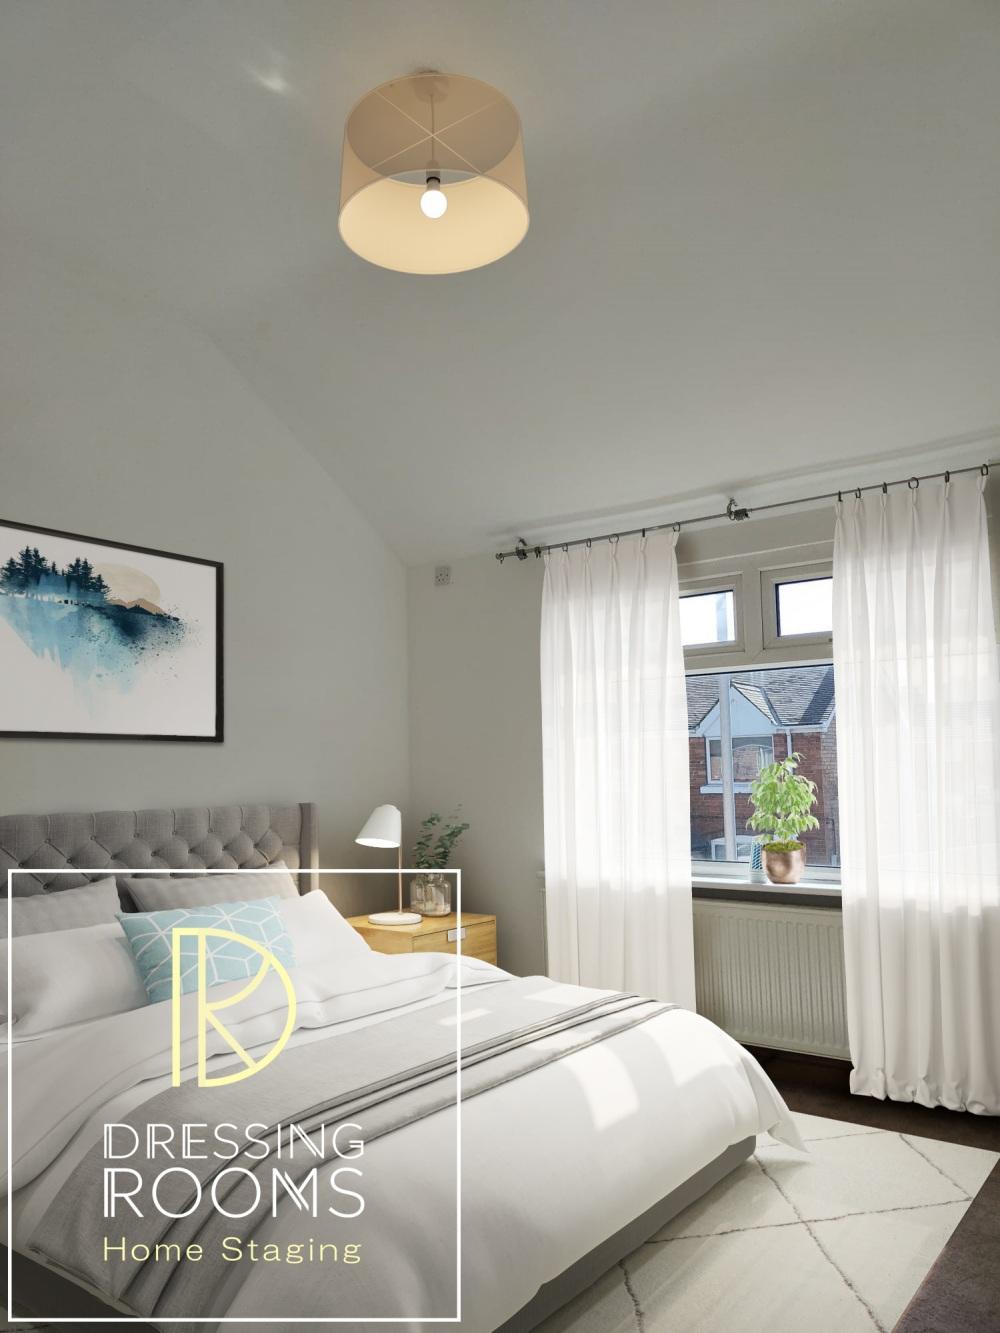 Bedroom-2-_final-2-WM